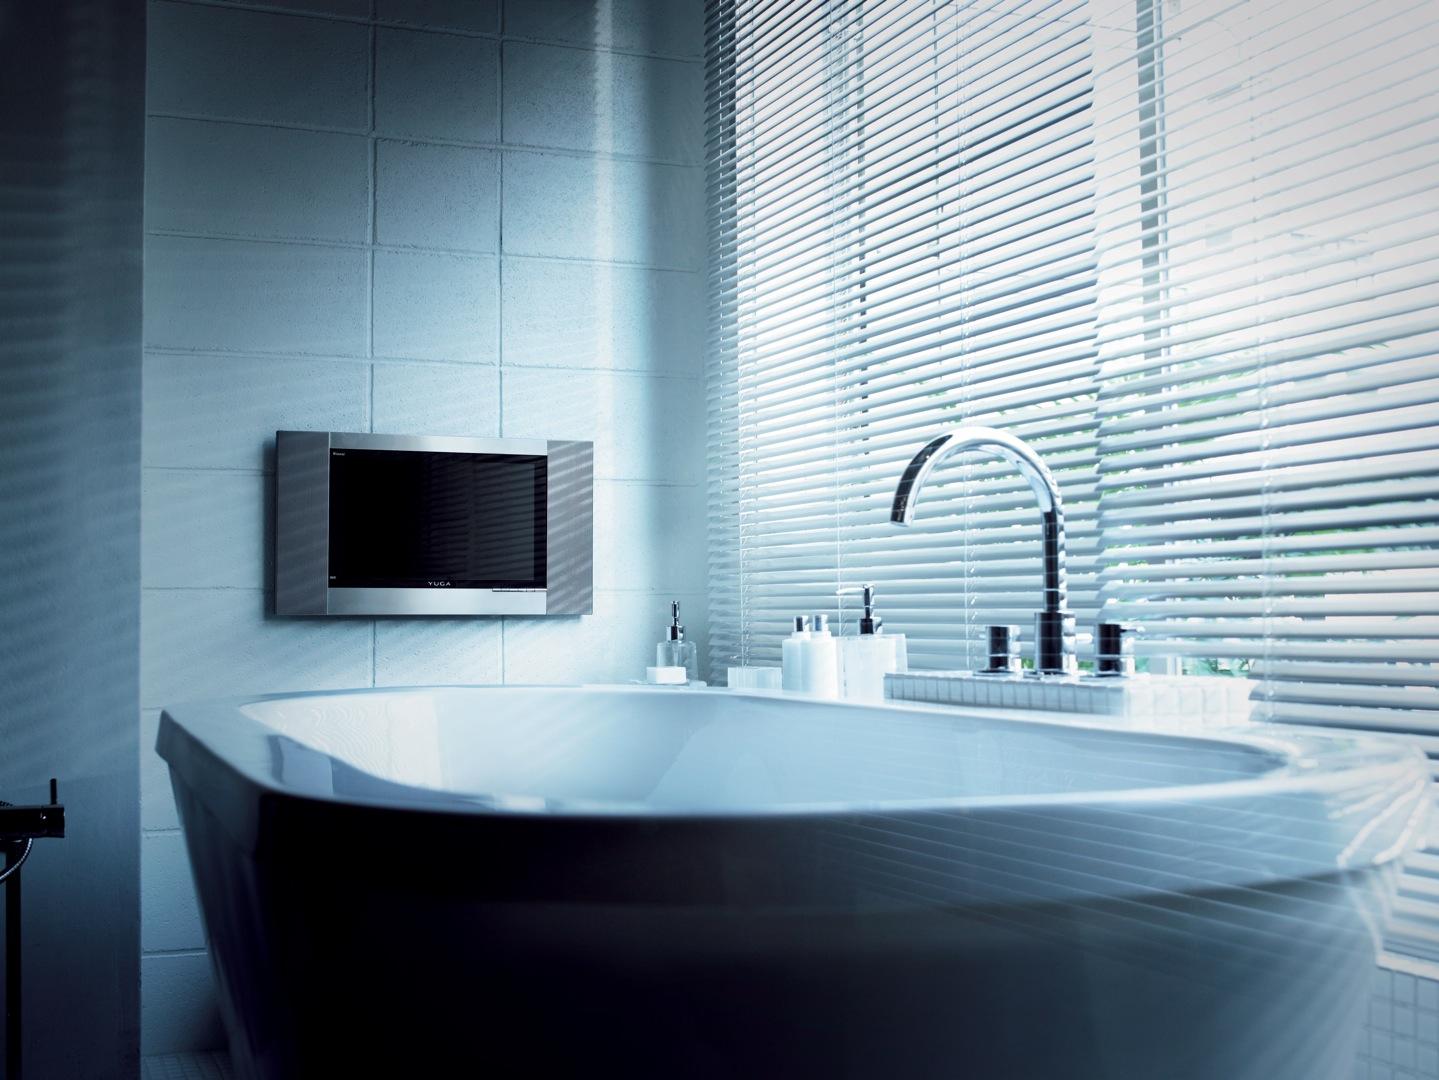 忙しいけどゆっくりテレビを見たい!お風呂場に置ける防水テレビ一覧のサムネイル画像